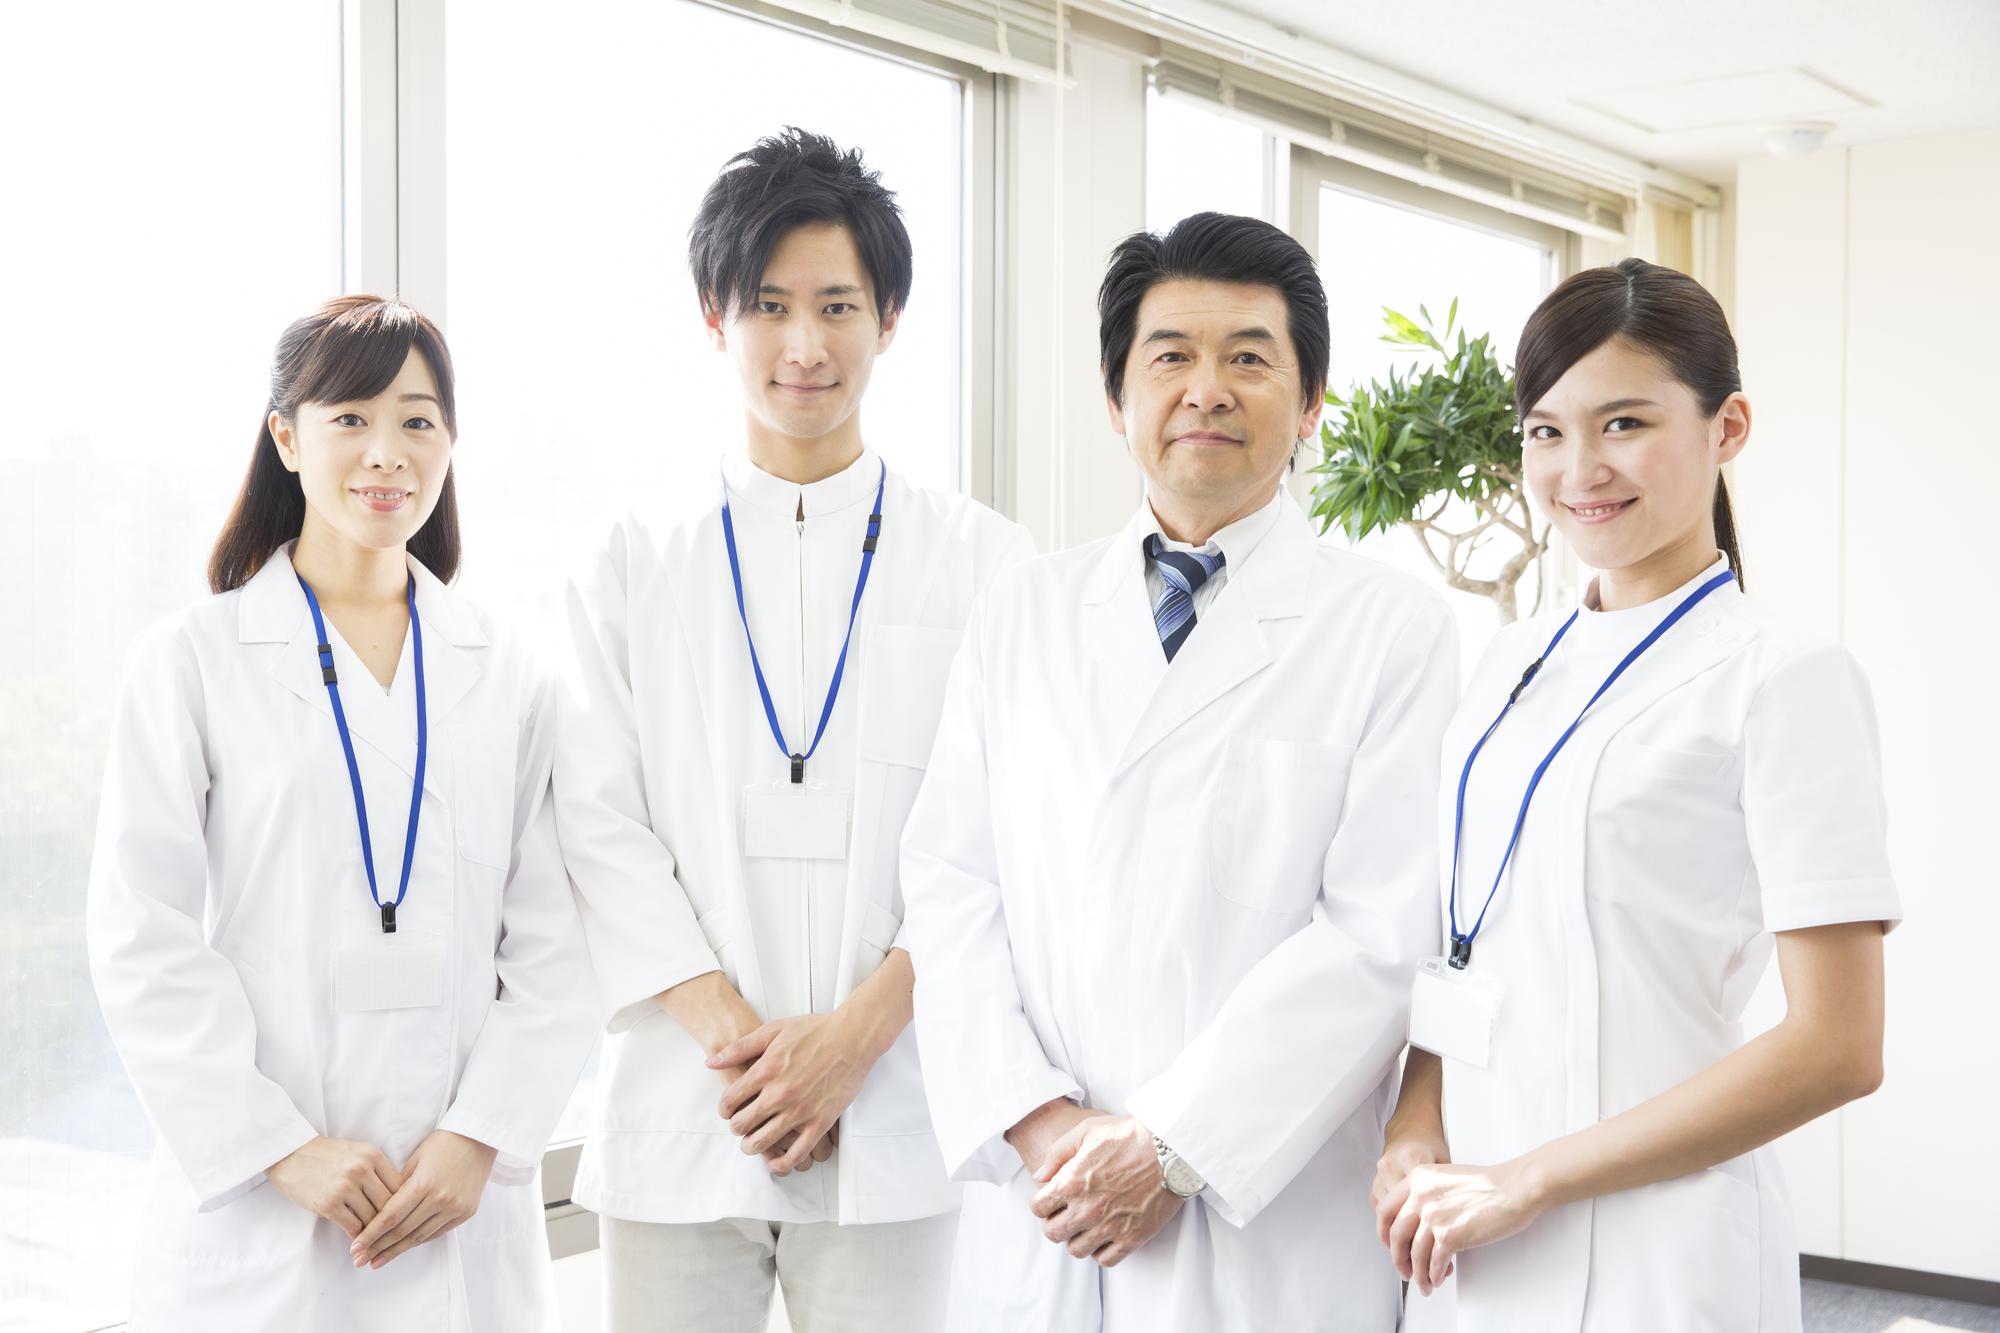 町田市にある女性の薄毛治療が受けられるクリニック・病院一覧